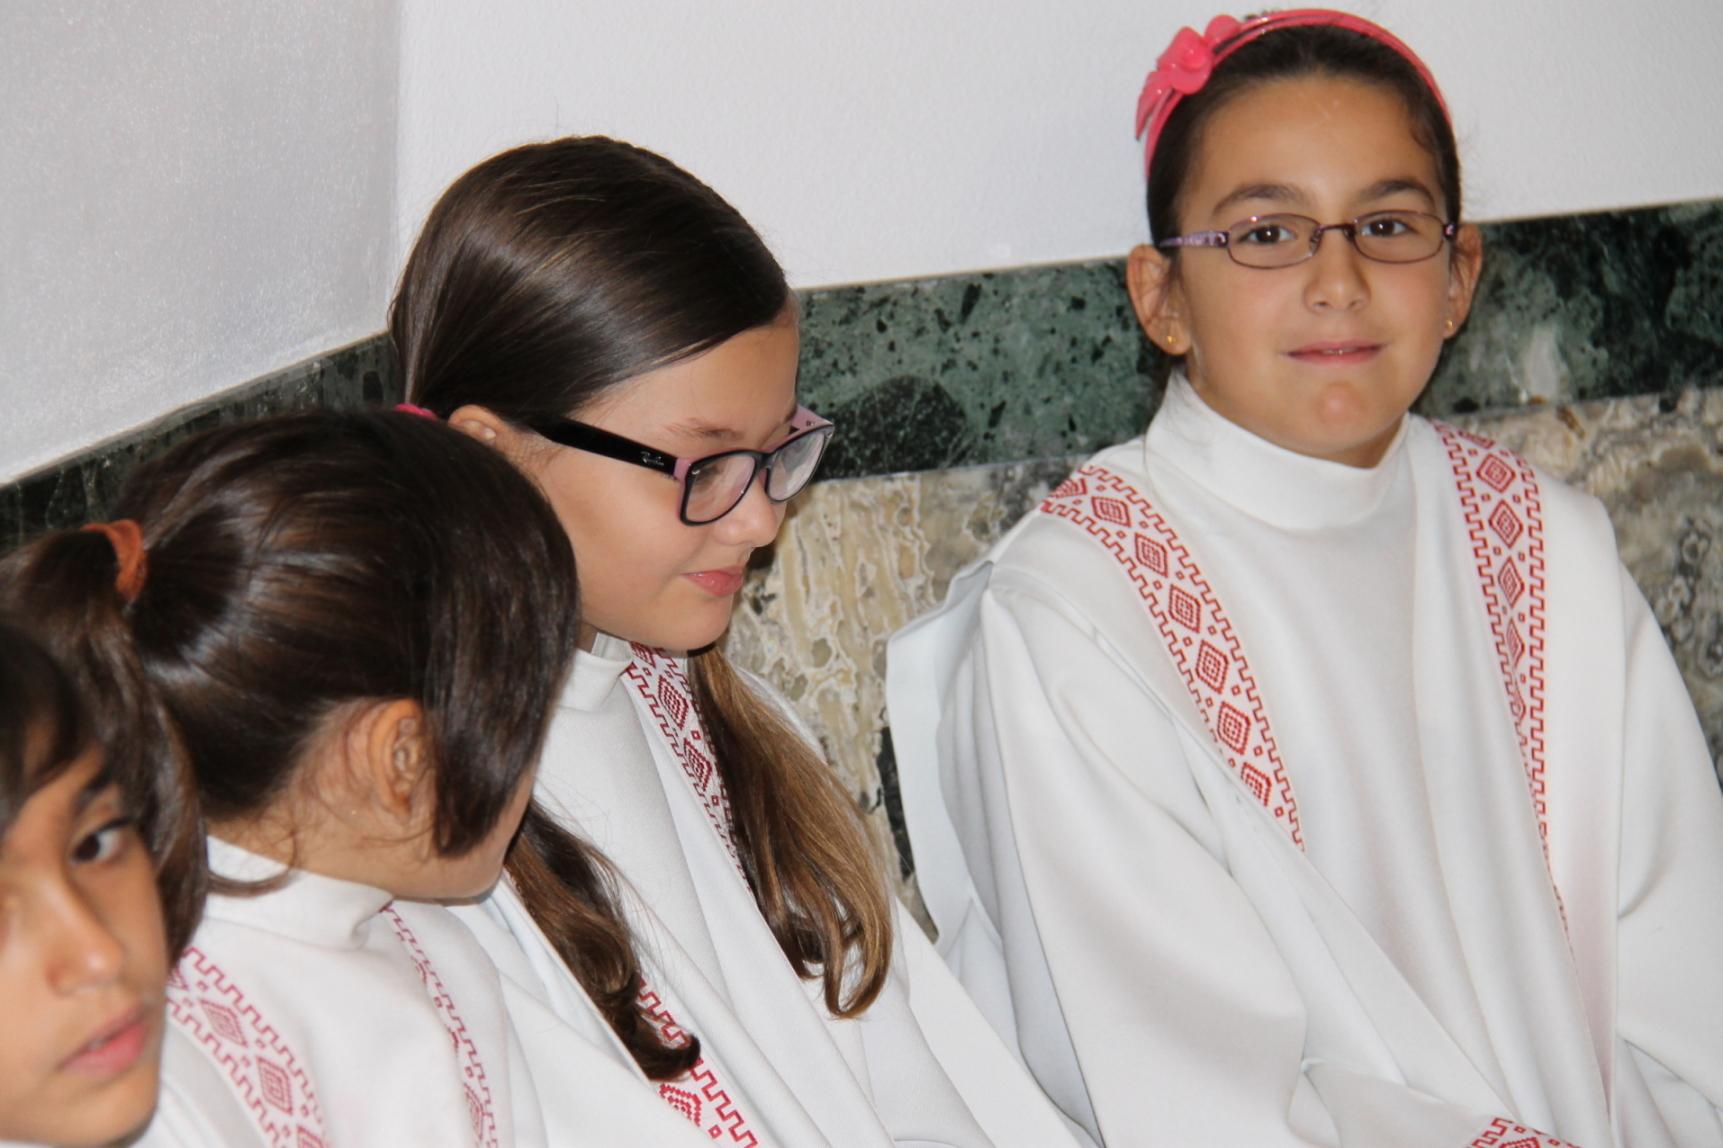 inaugurazione_anno_catechistico_e_anno_della_fede_2012-10-07-11-31-55